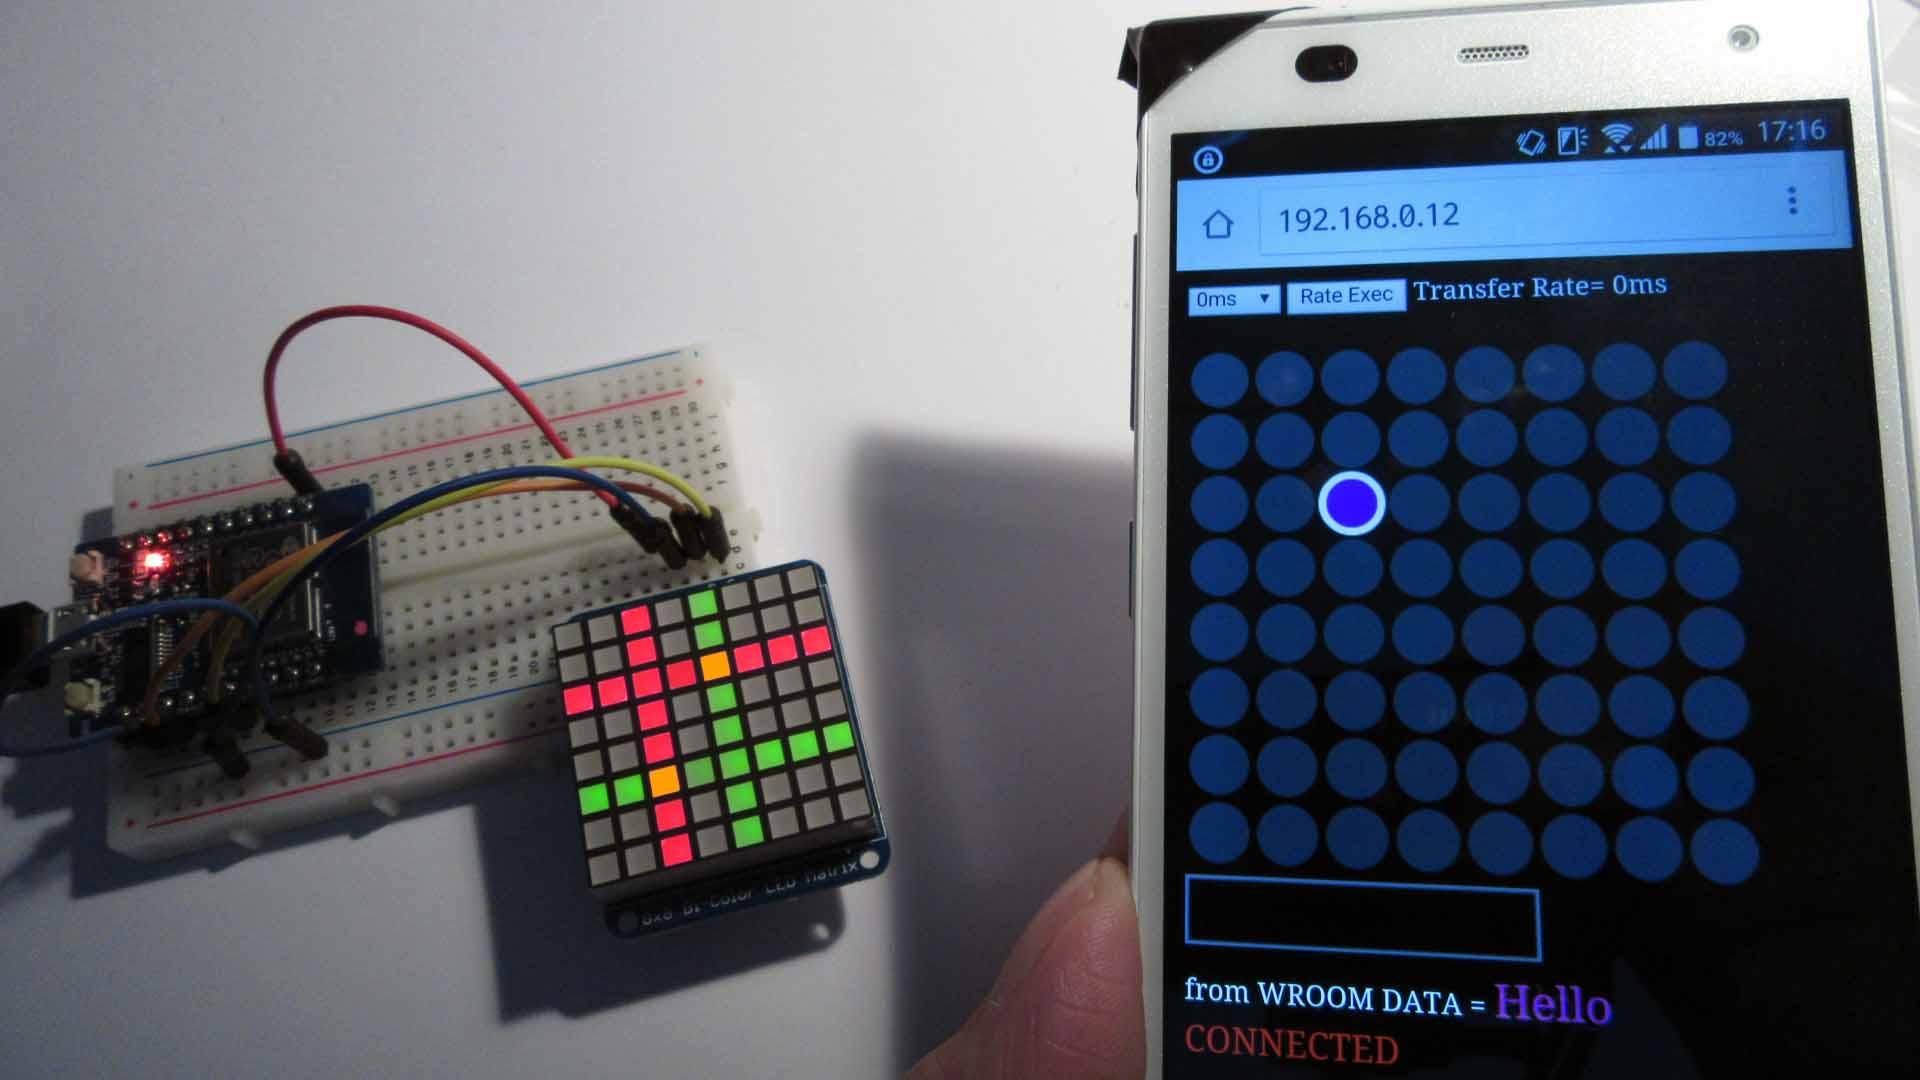 Adafruit Bi-Color LED マトリックスをブラウザで WebSocket コントロール してみた